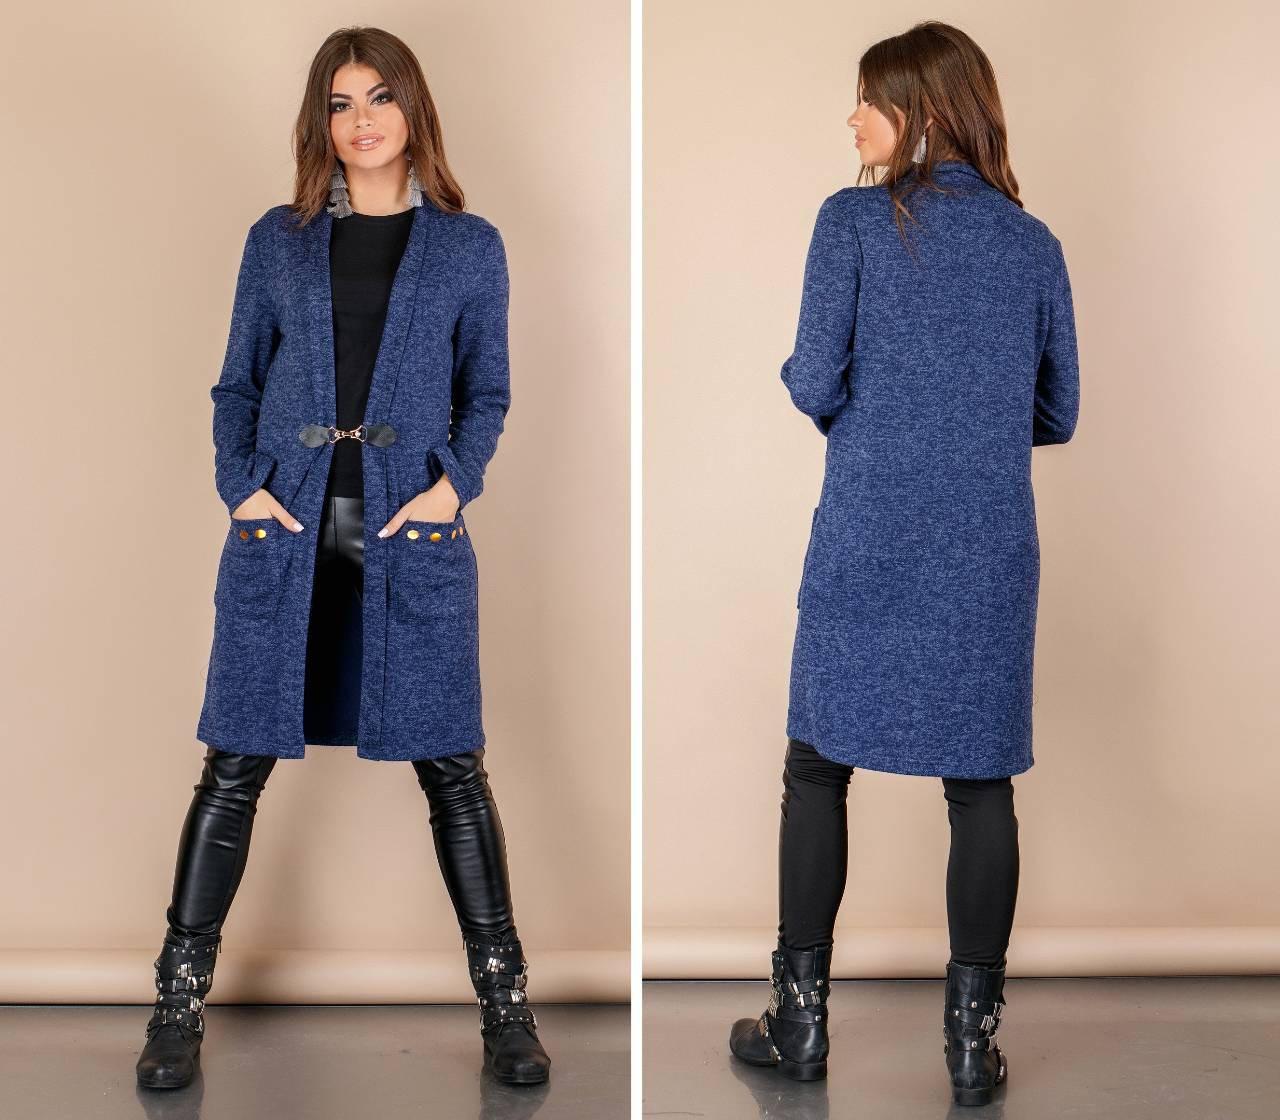 Кардиган женский с застежкой, модель 135, цвет - синий